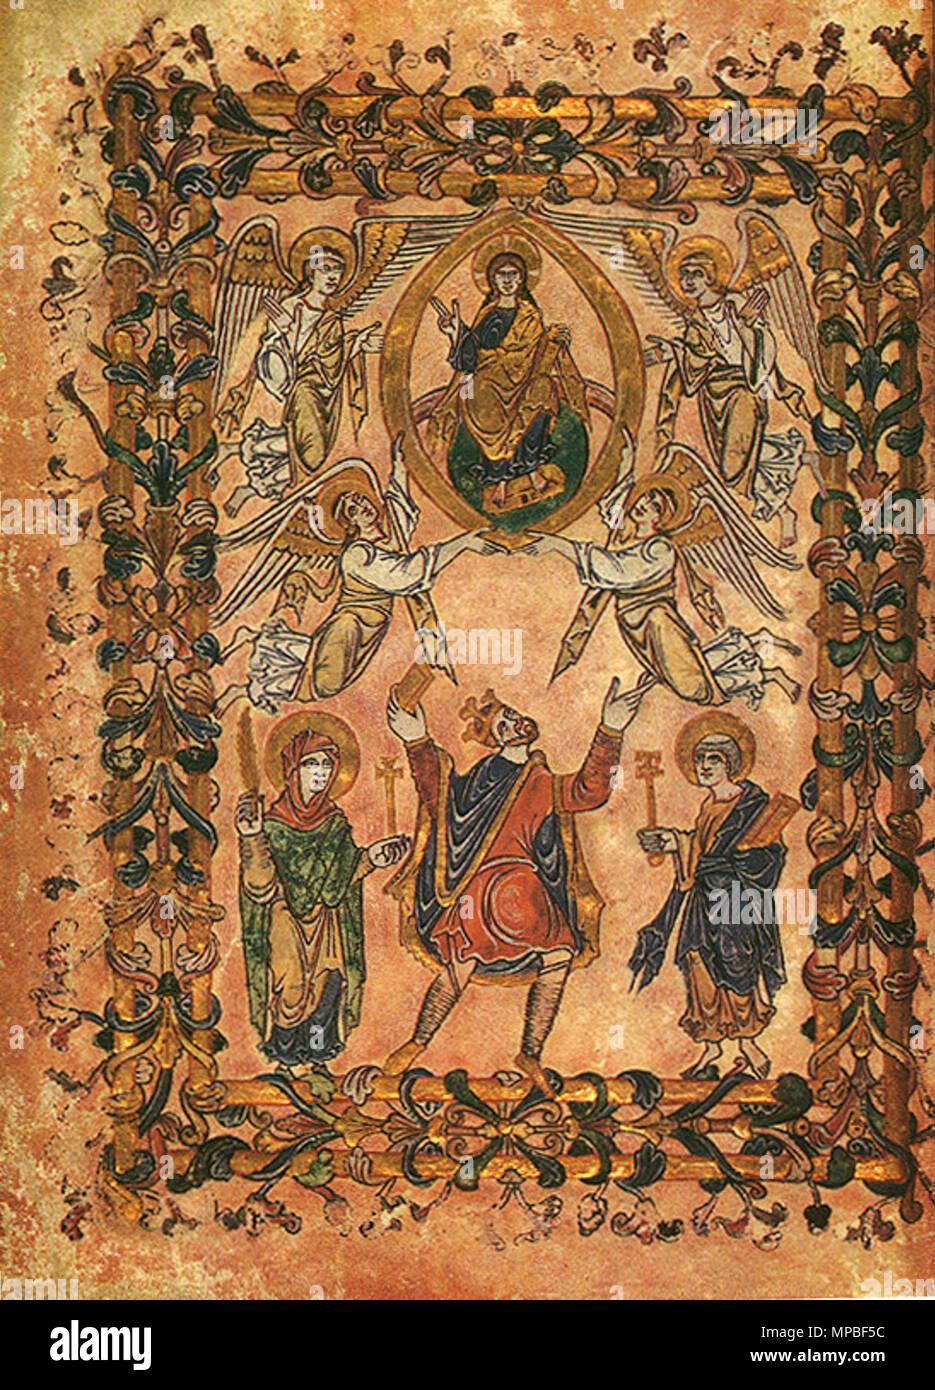 . À partir de la Miniature la nouvelle Charte Minster, 966, montrant le roi Edgar flanqué par la Vierge Marie et saint Pierre Présentation de la charte au Christ. 966. 923 Inconnu 966 Nouvelle Charte Minster Photo Stock